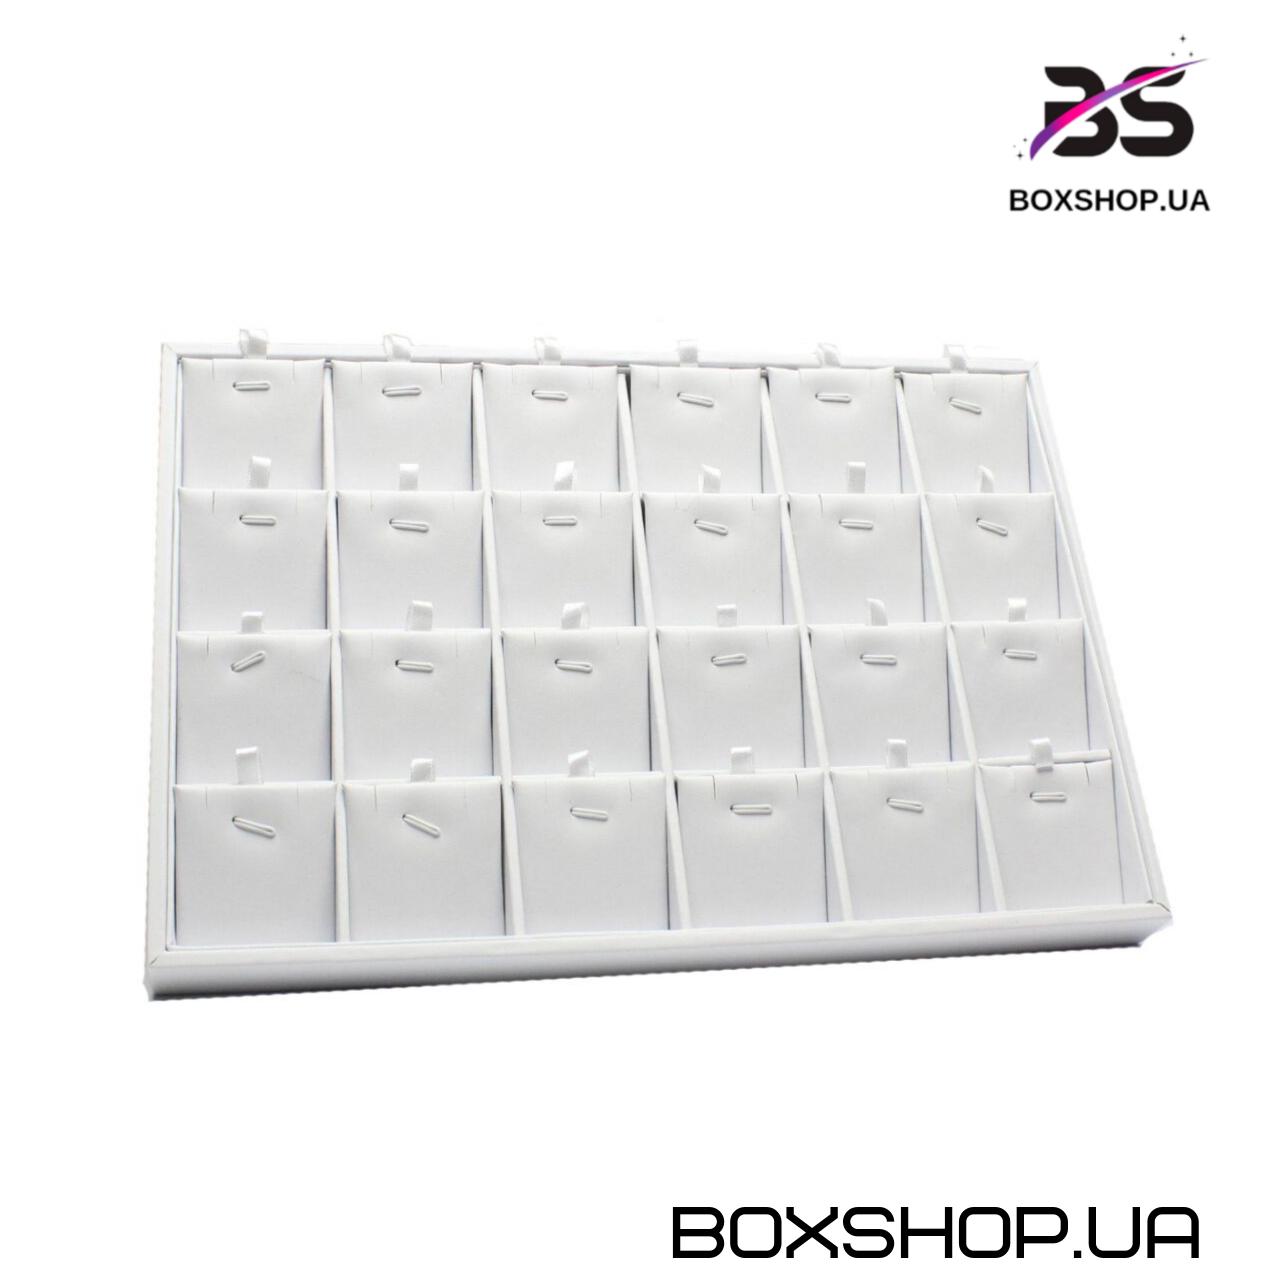 Ювелирный планшет BOXSHOP - 1021686106